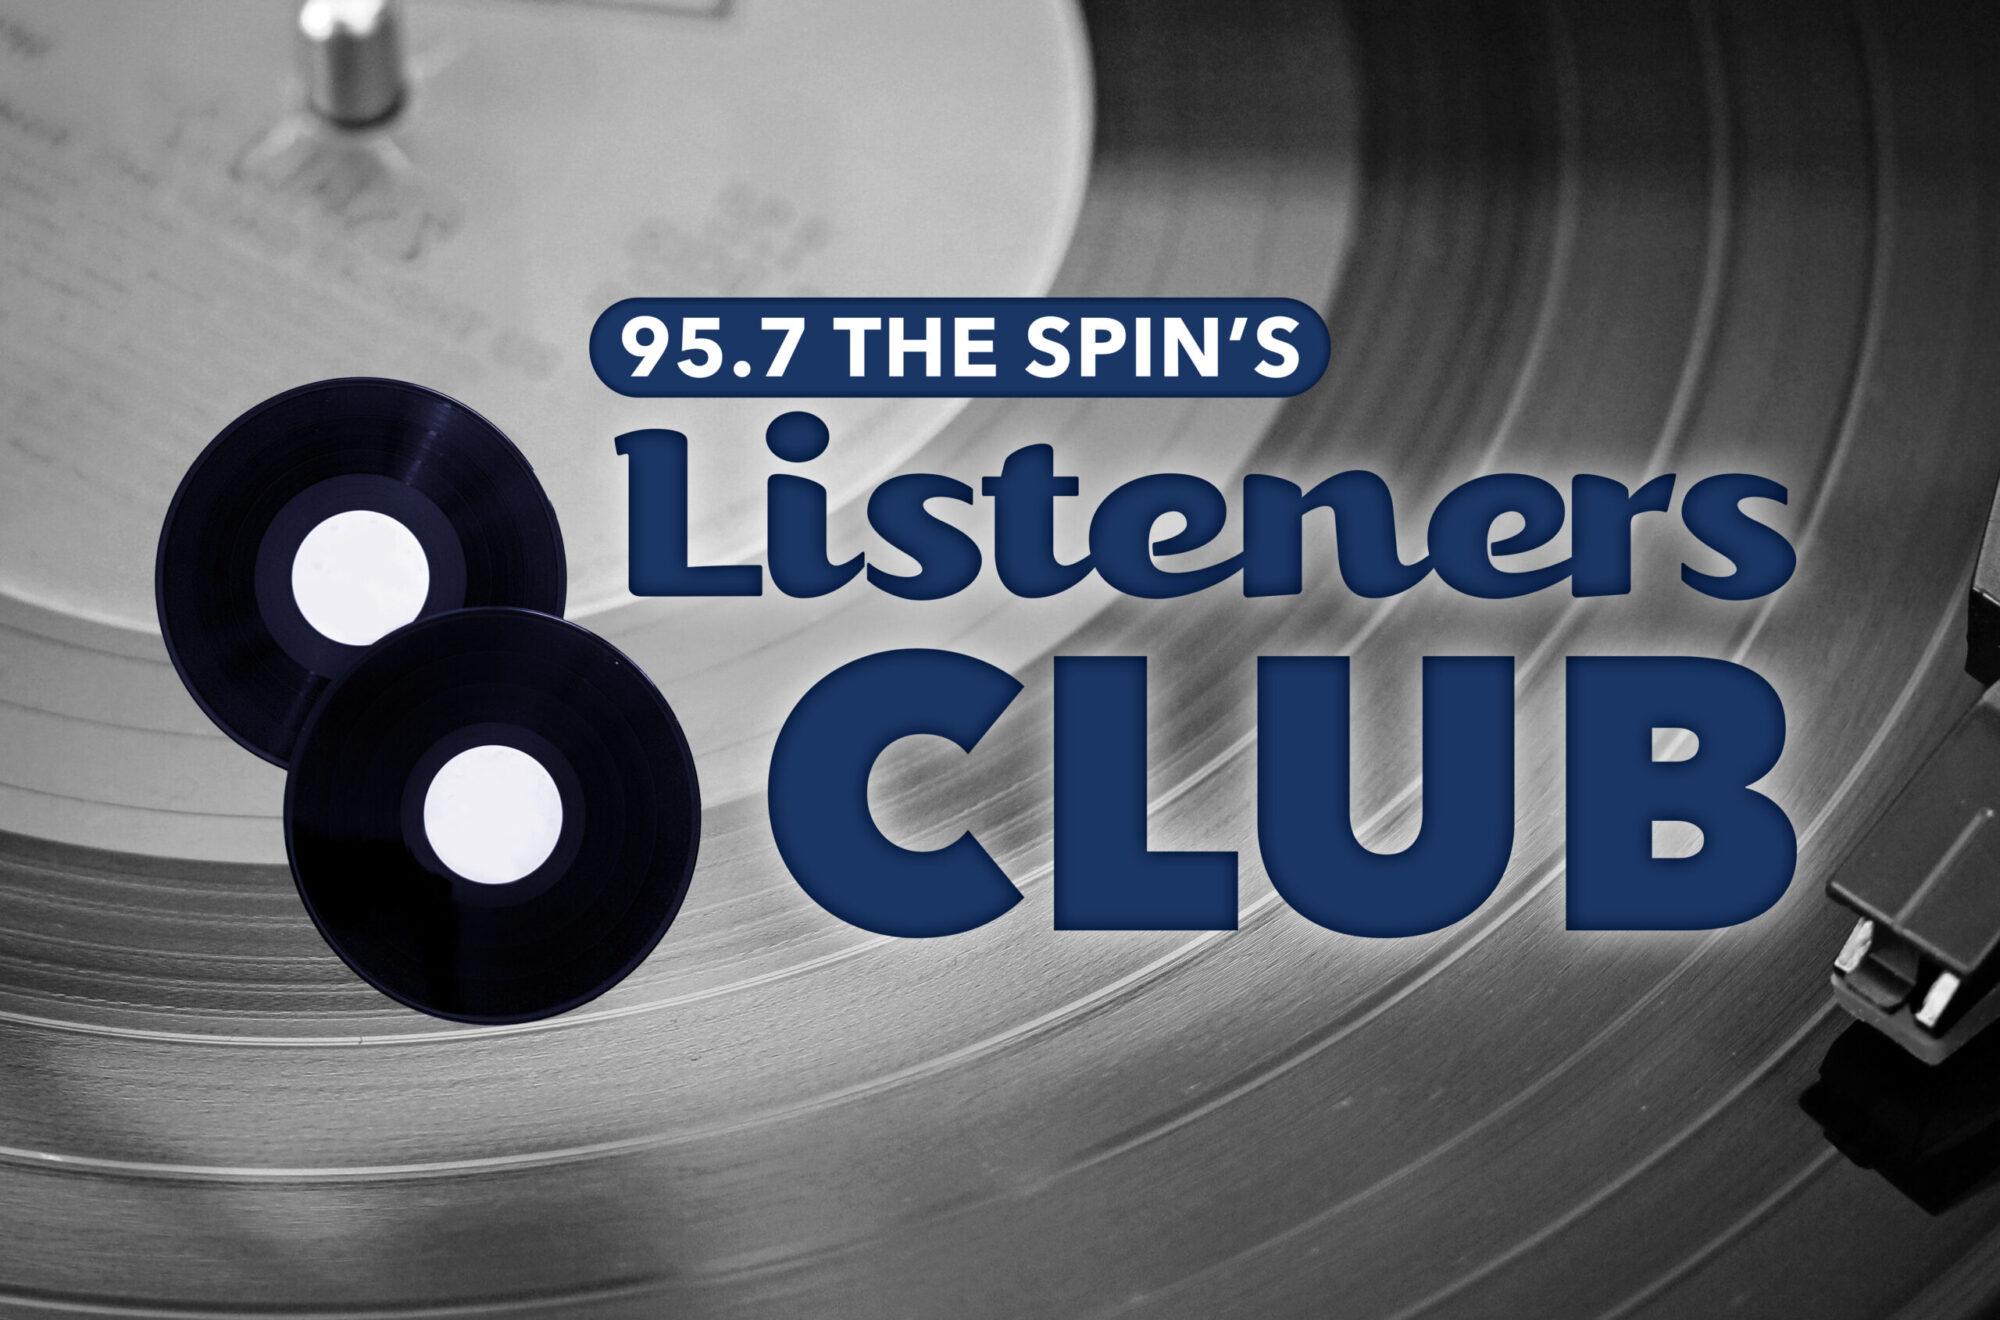 Listeners Club